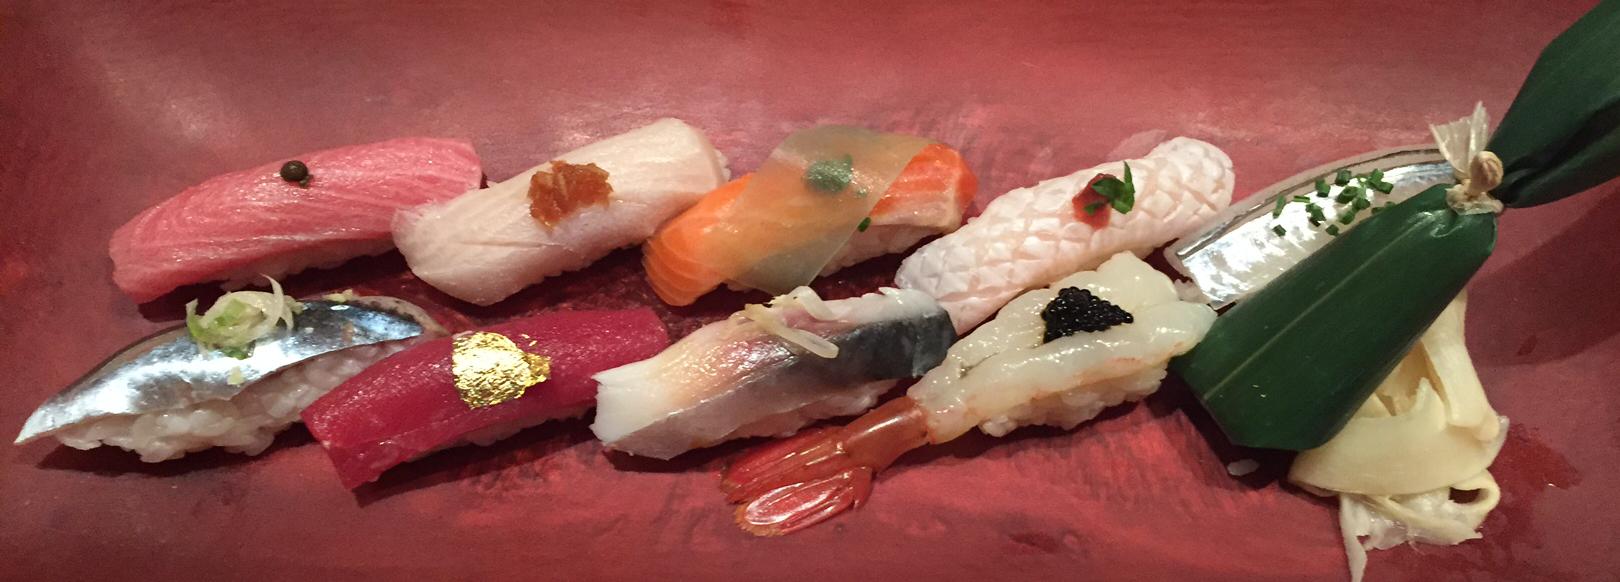 1008-11-sushi